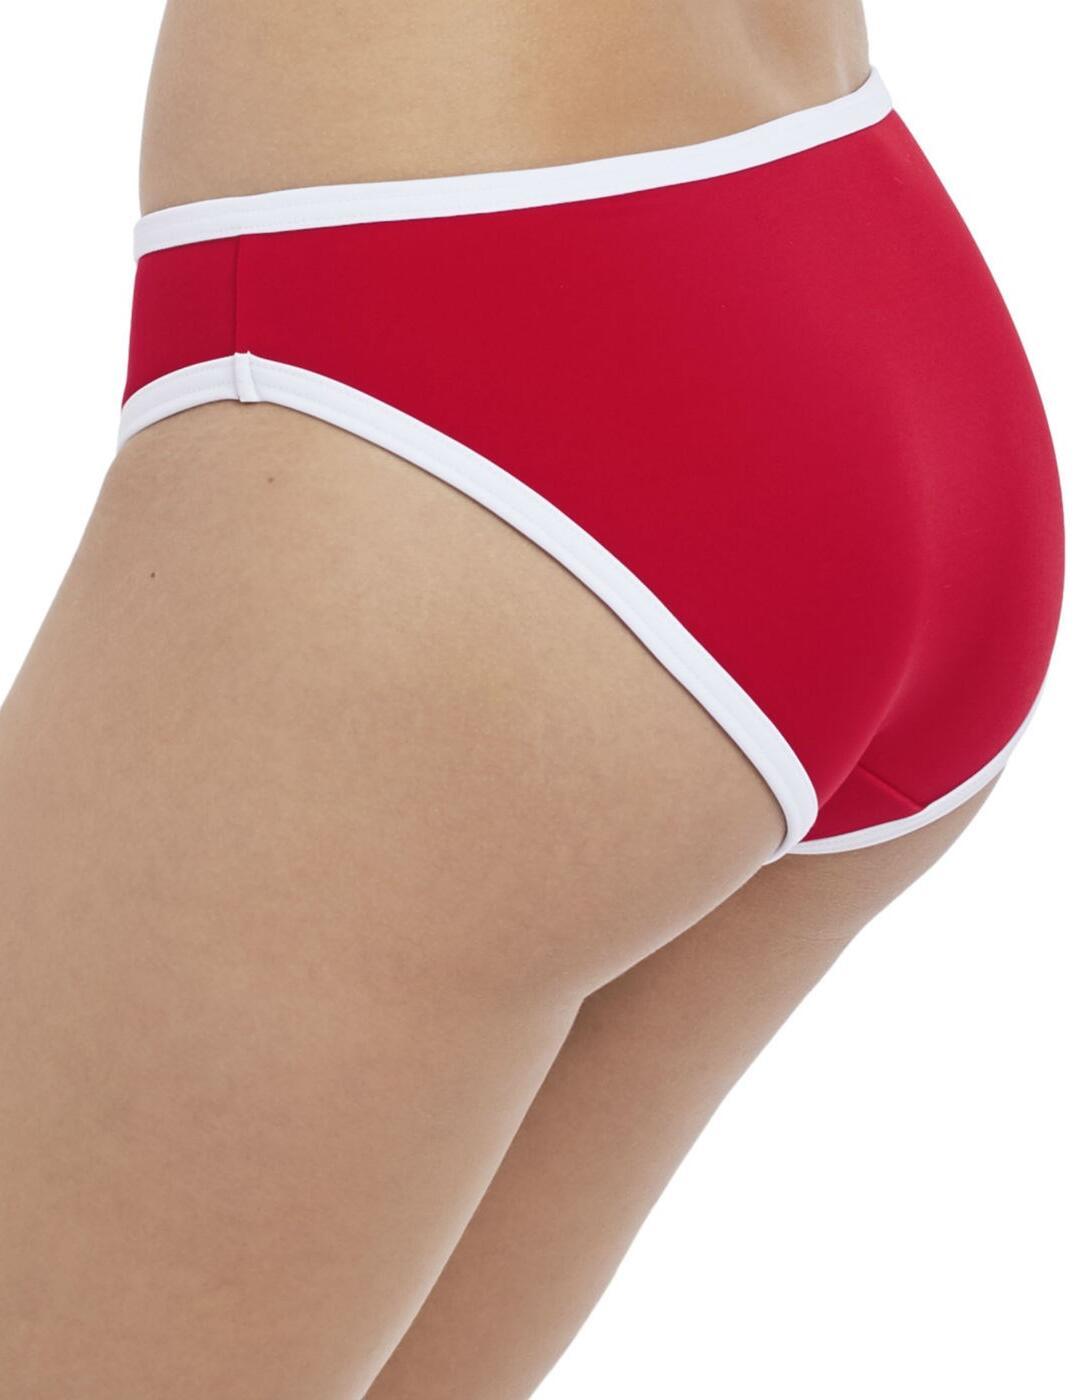 Freya peinture le rouge Town Bikini Bottoms Pantalon 2955 nouveaux maillots de bain rouge